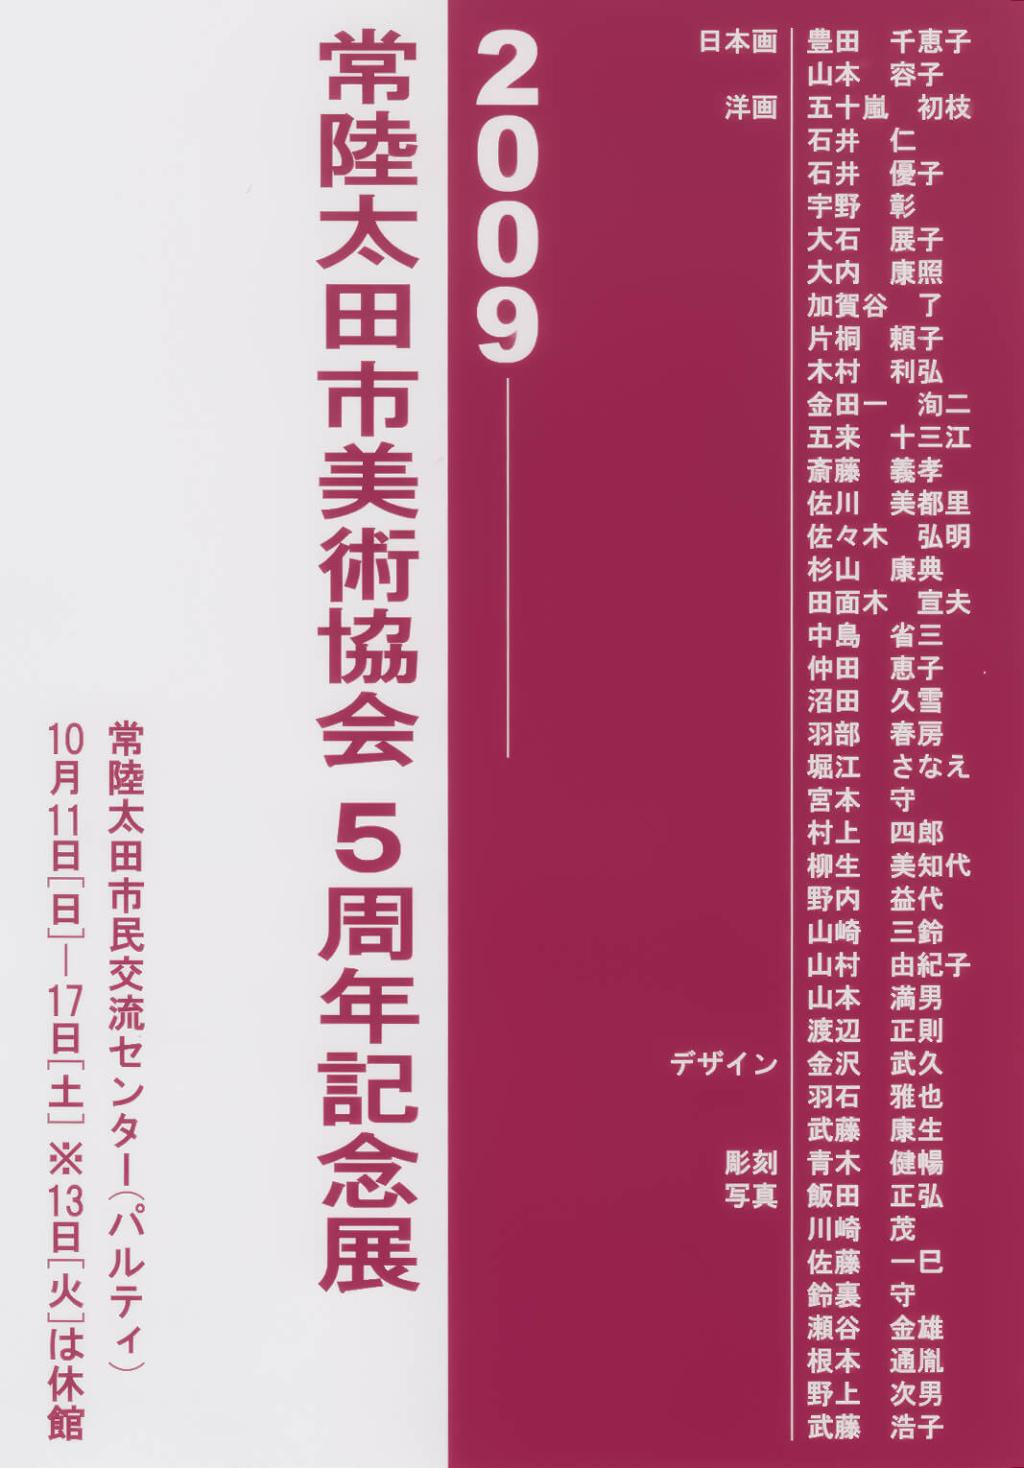 常陸太田市美術協会展 2009